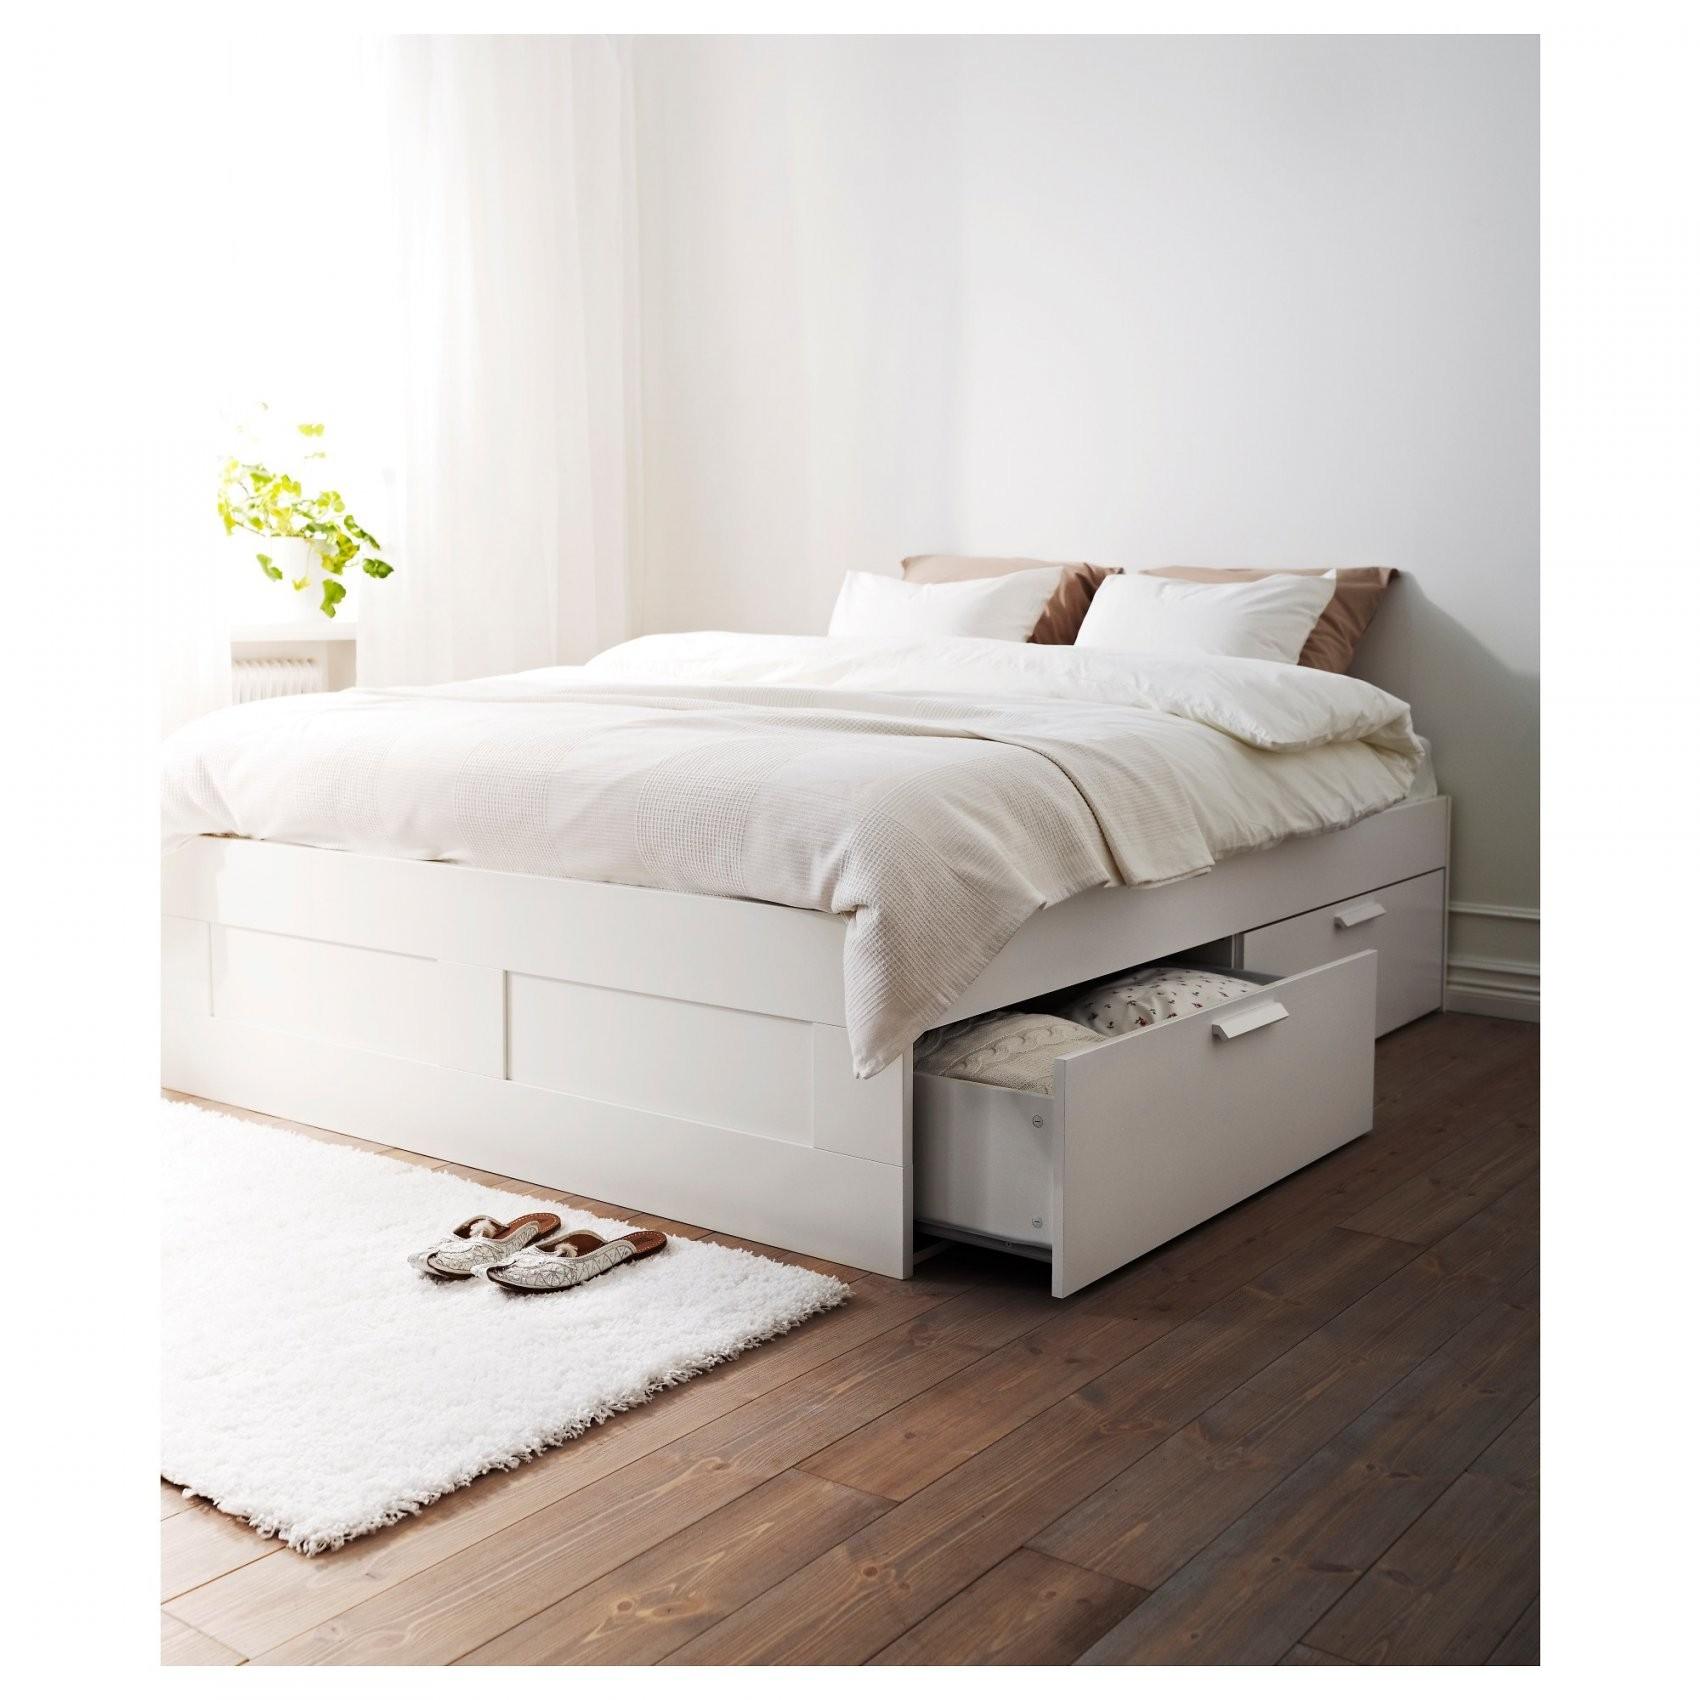 Brimnes Bedframe Met Opberglades  160X200 Cm  Wit  Ikea von Ikea Brimnes Bett 140X200 Photo